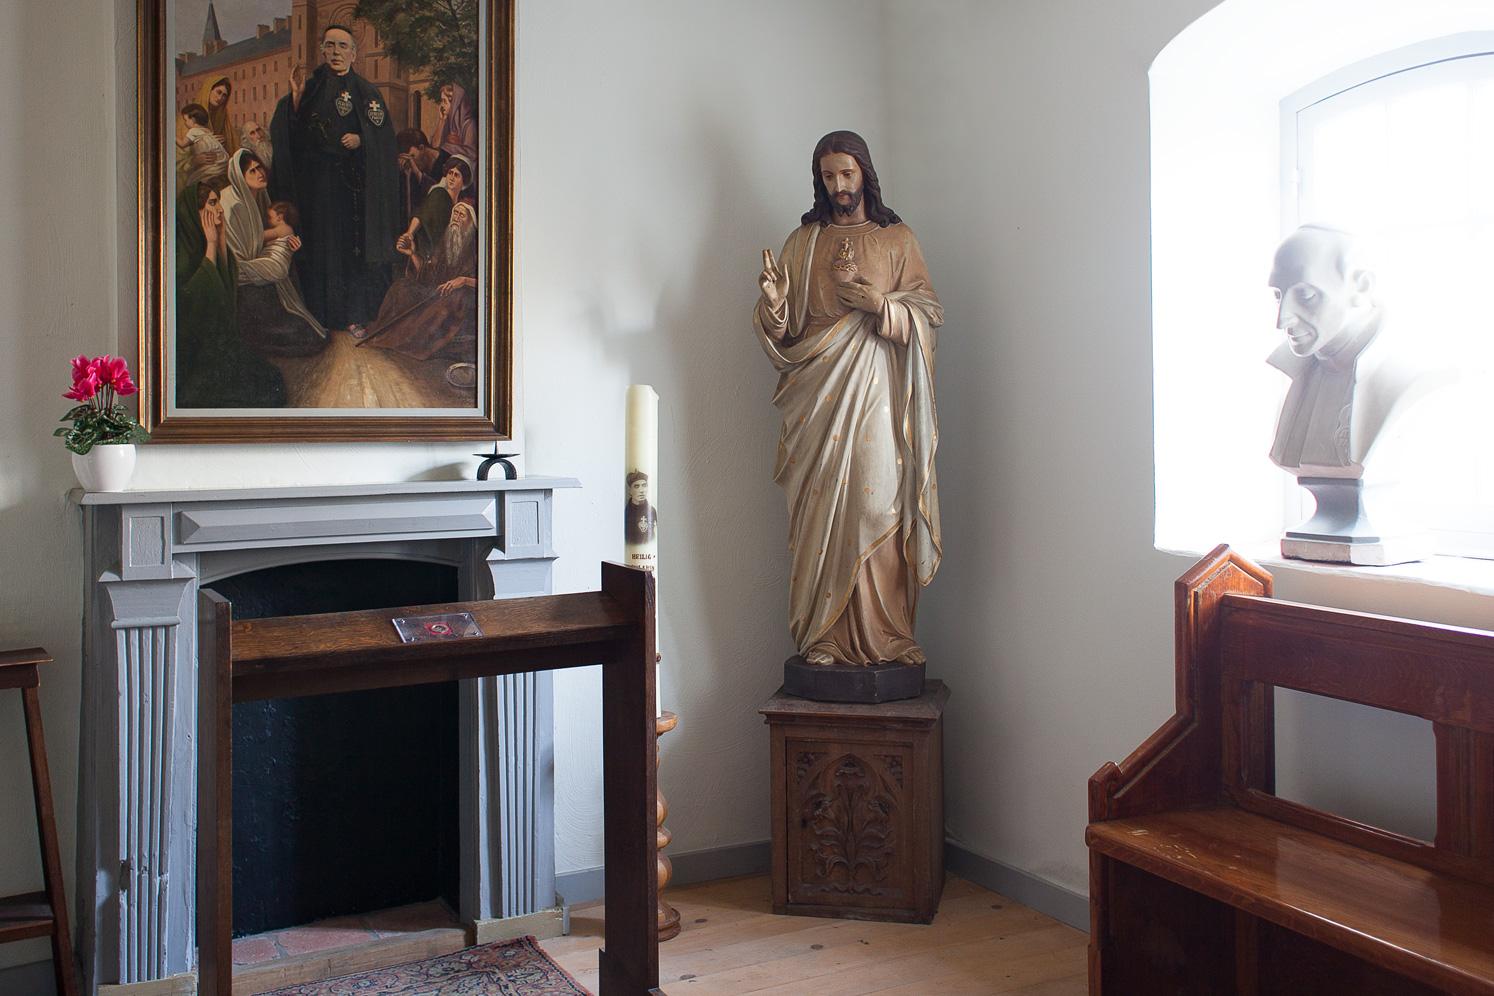 De kleine Kapel in de geboortekamer van Pater Karel